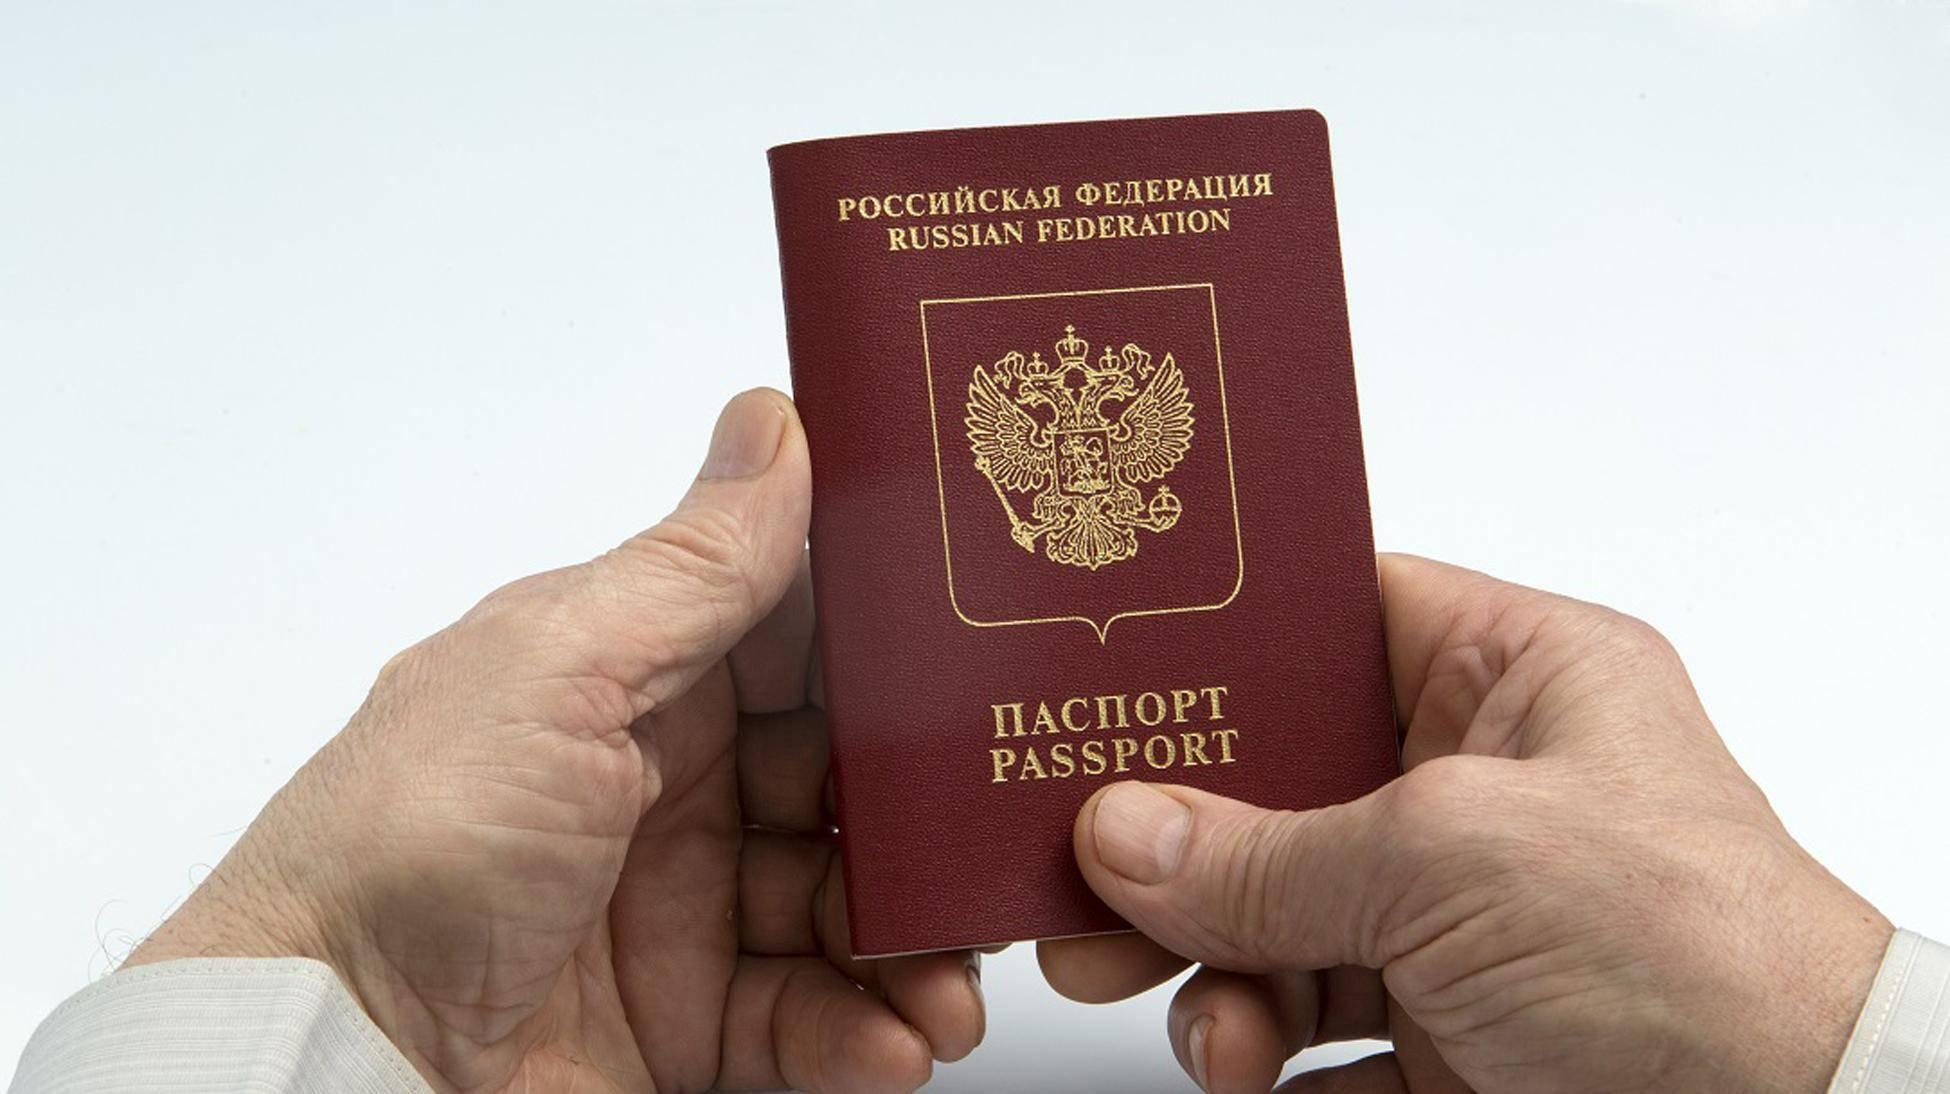 Как получить гражданство рф гражданину киргизии?